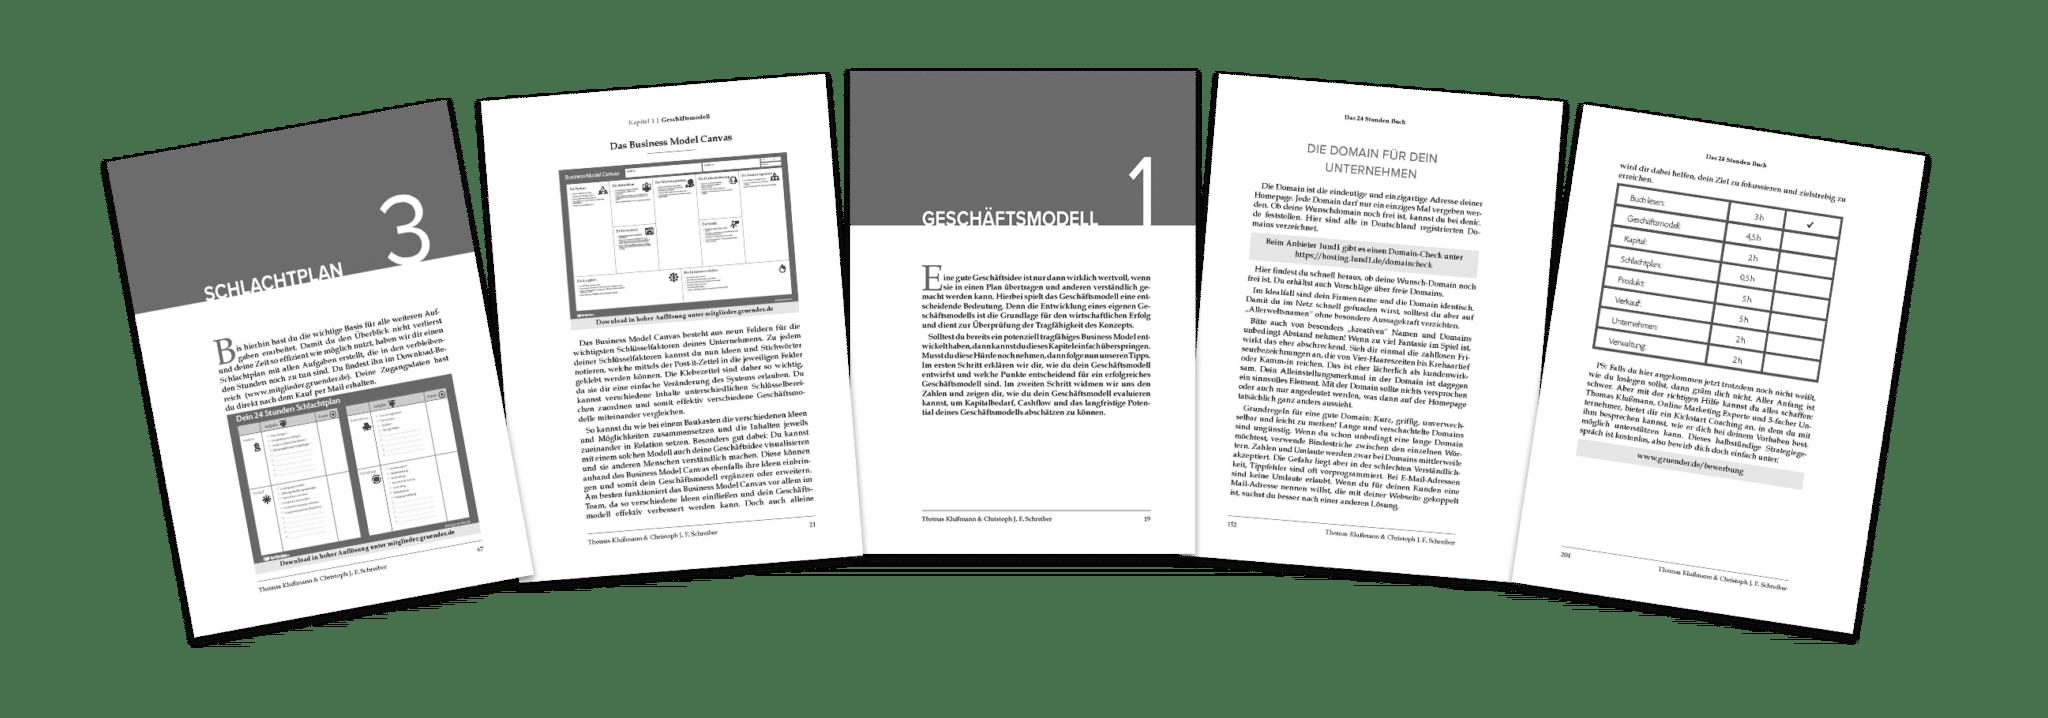 24 Stunden Startup Buch von Thomas Klußmann - Hier ist ein Einblick der Seiten.